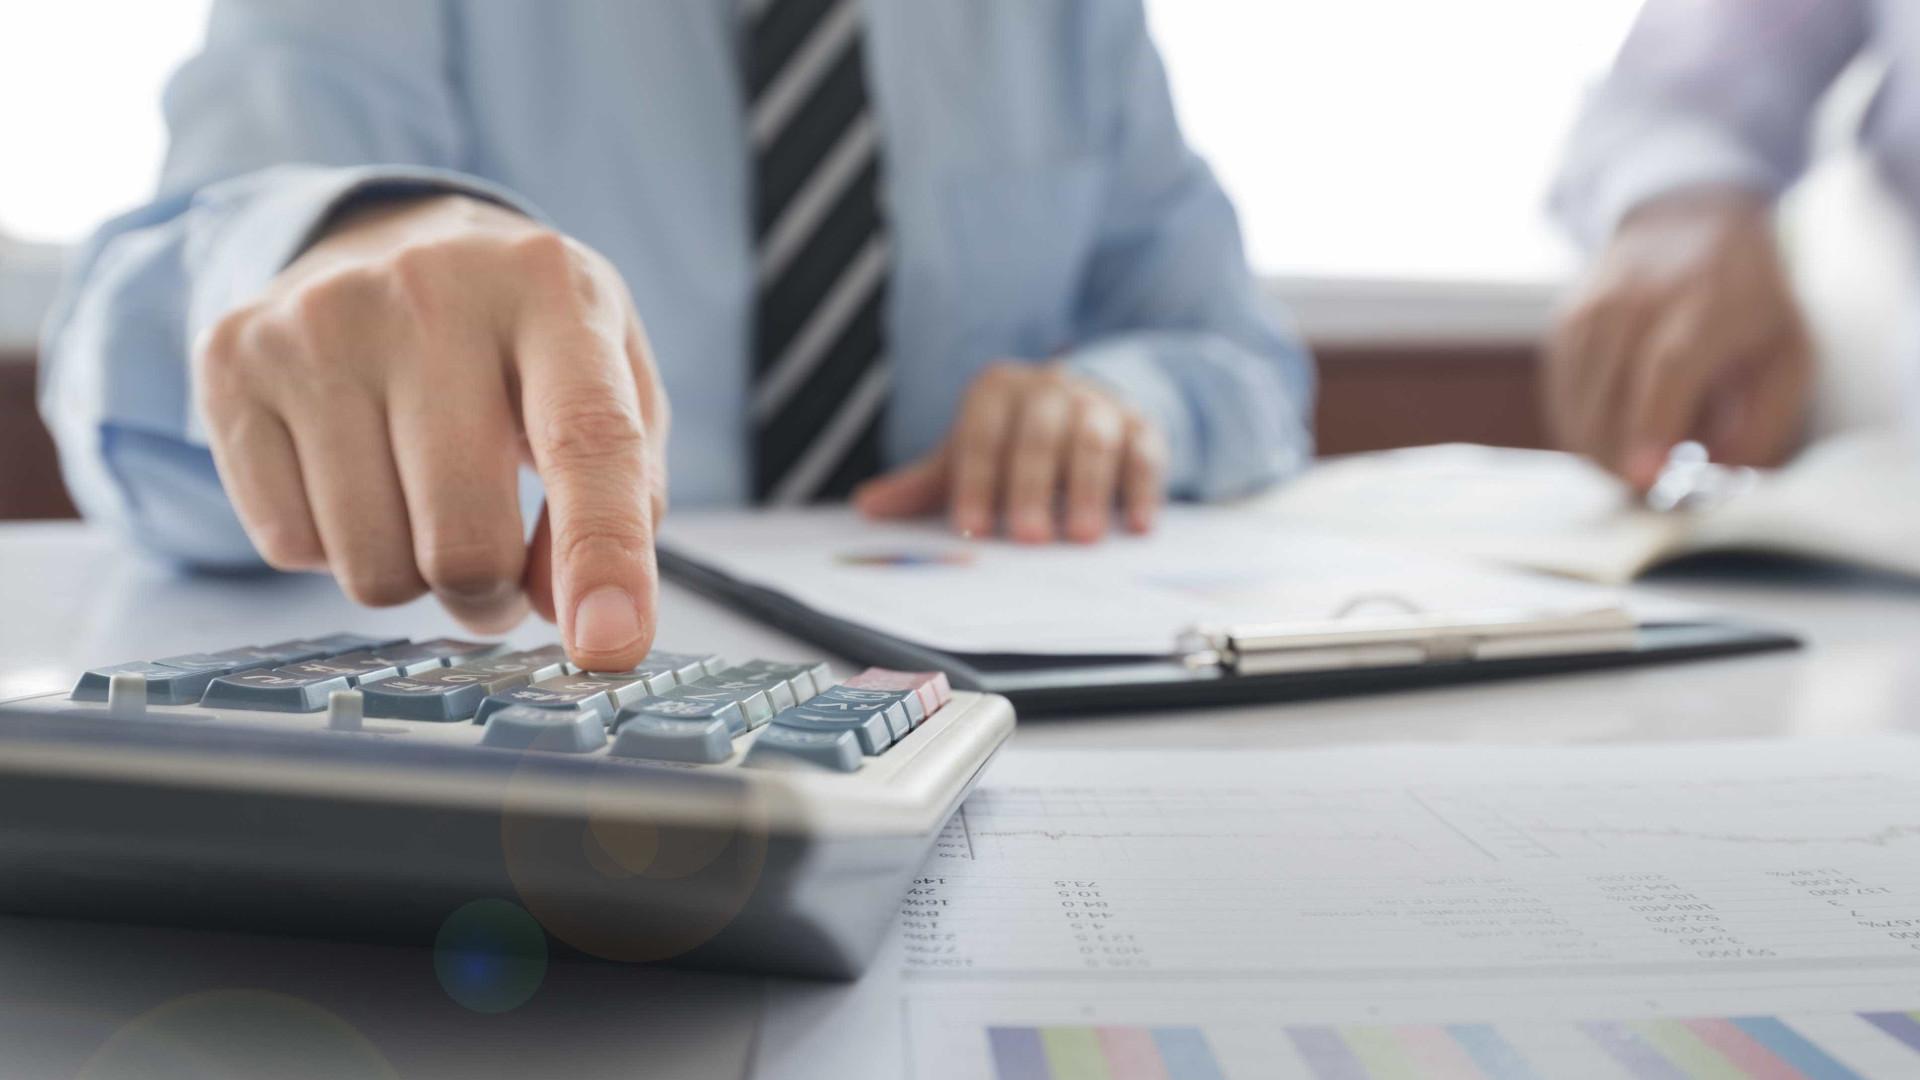 Imposto do Selo sobre o crédito aumenta em algumas situações até 14%